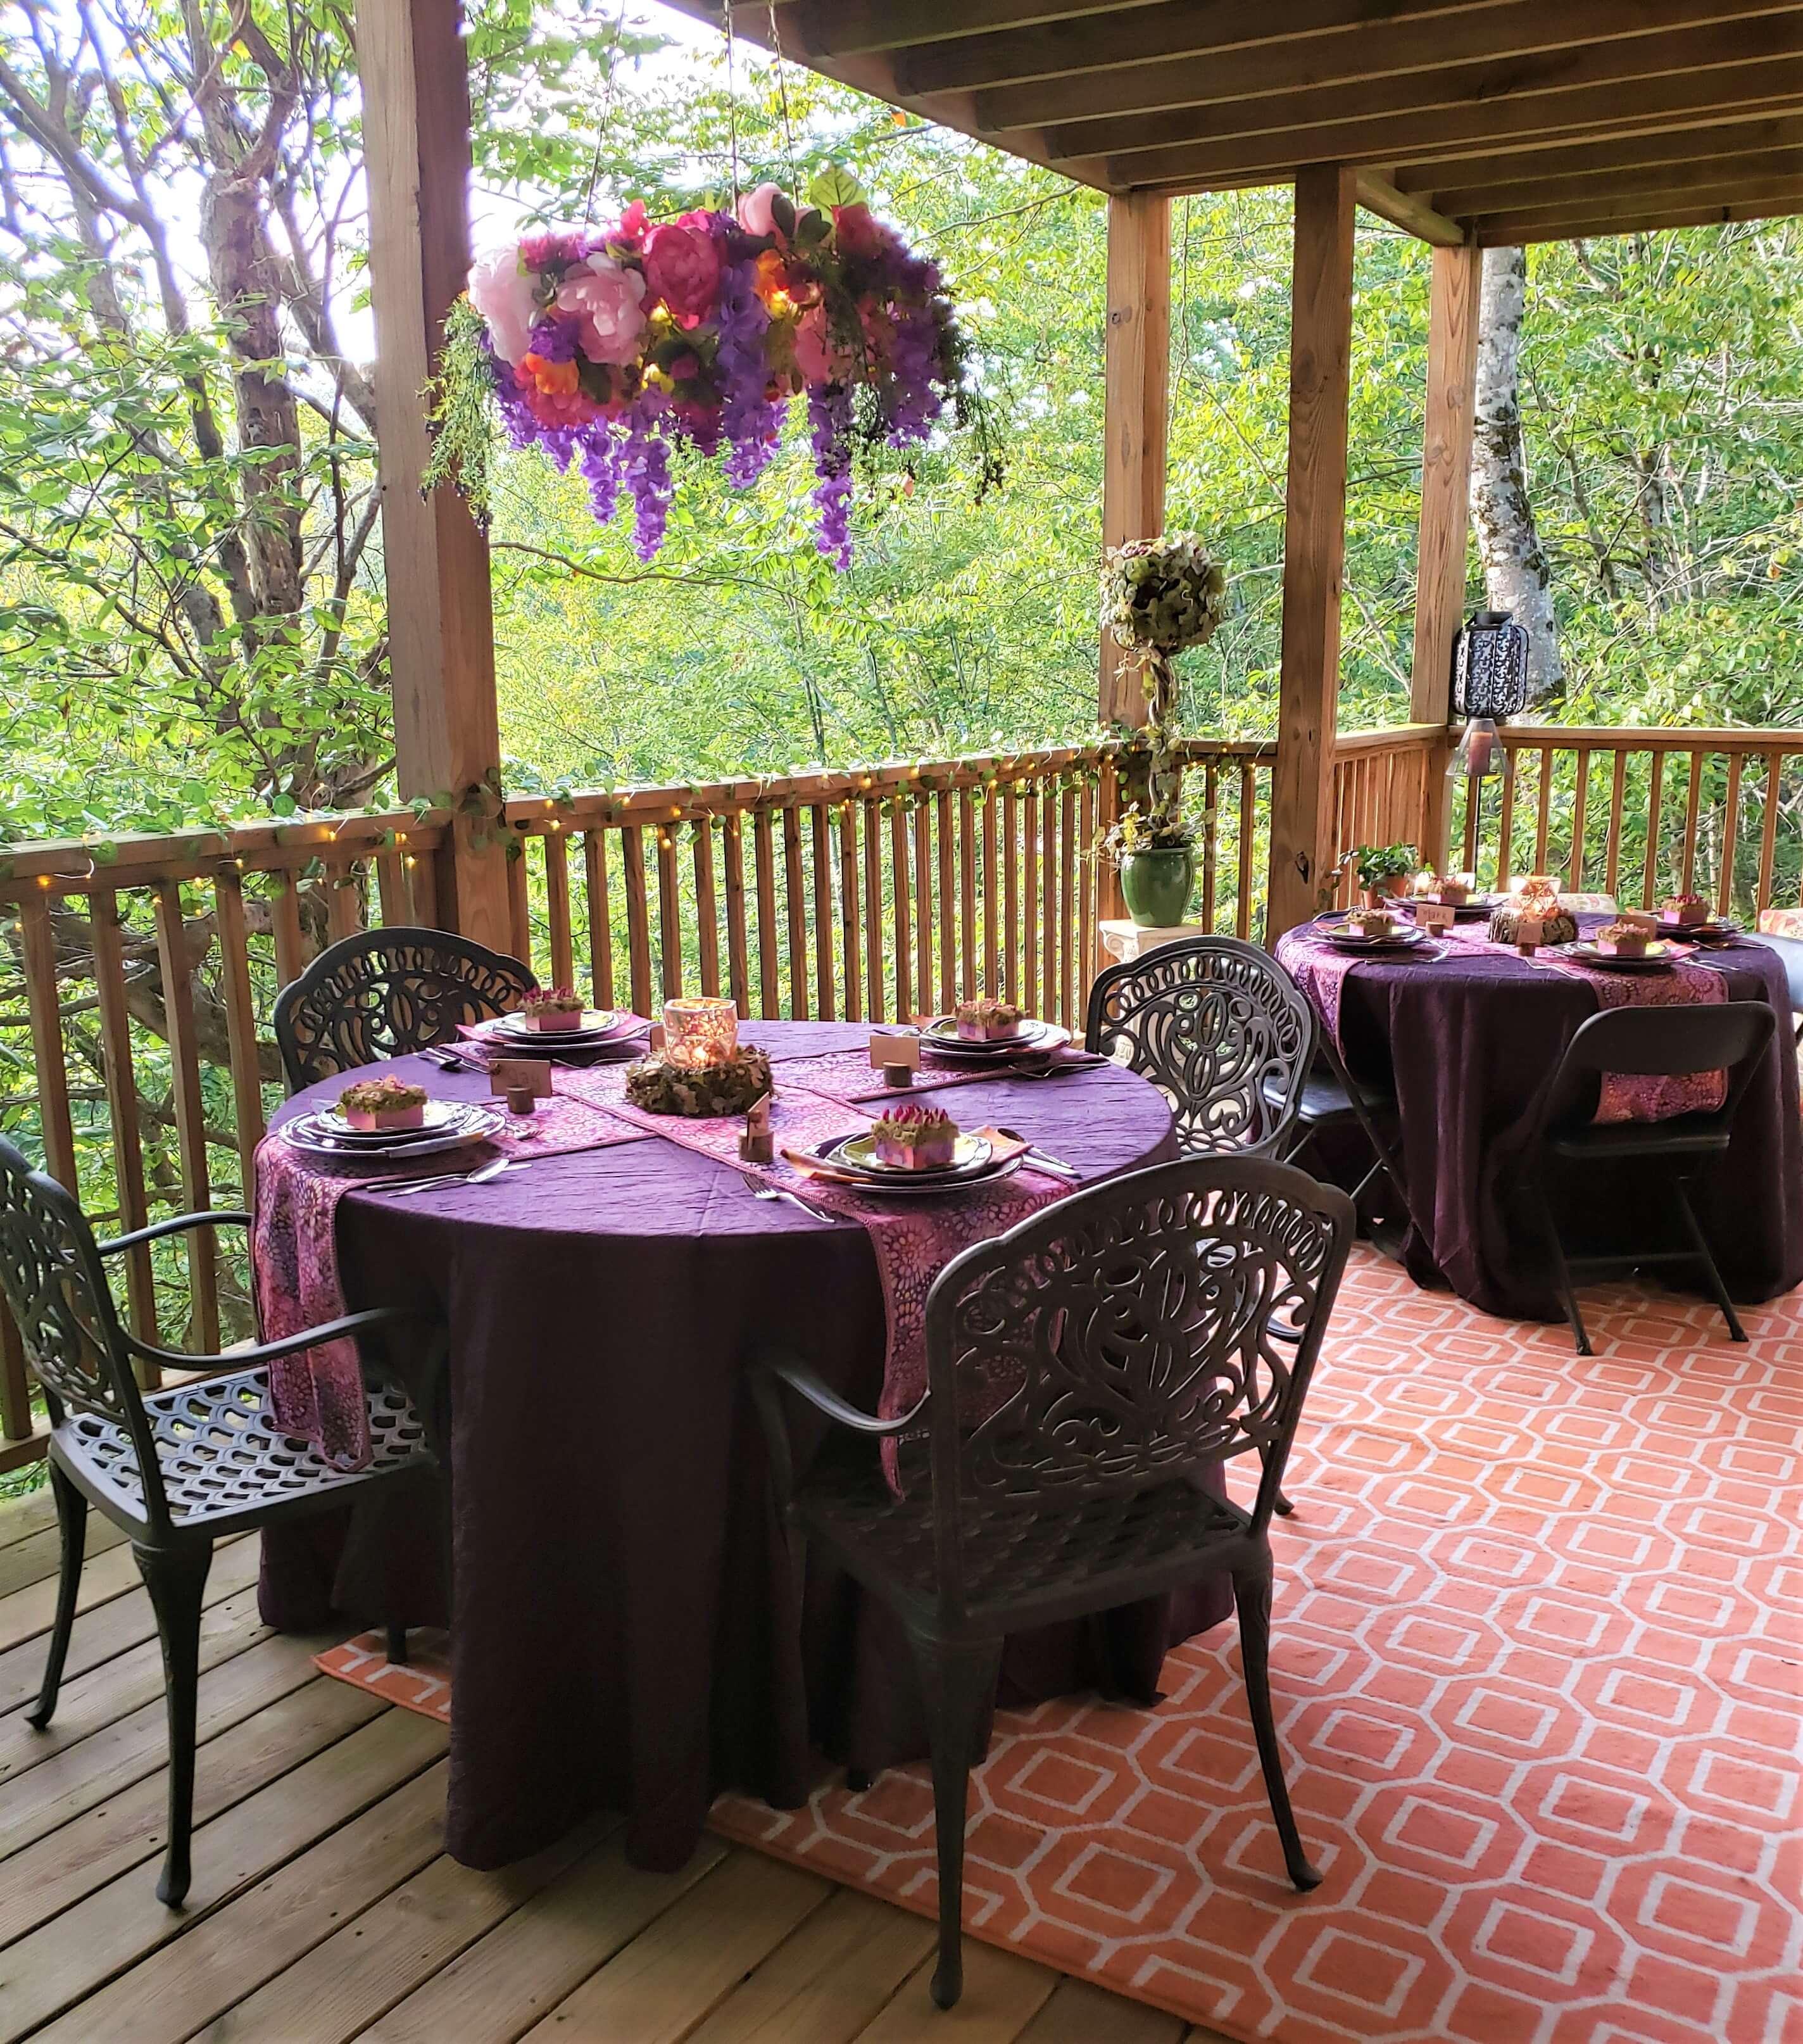 fairy-party-venue-setup